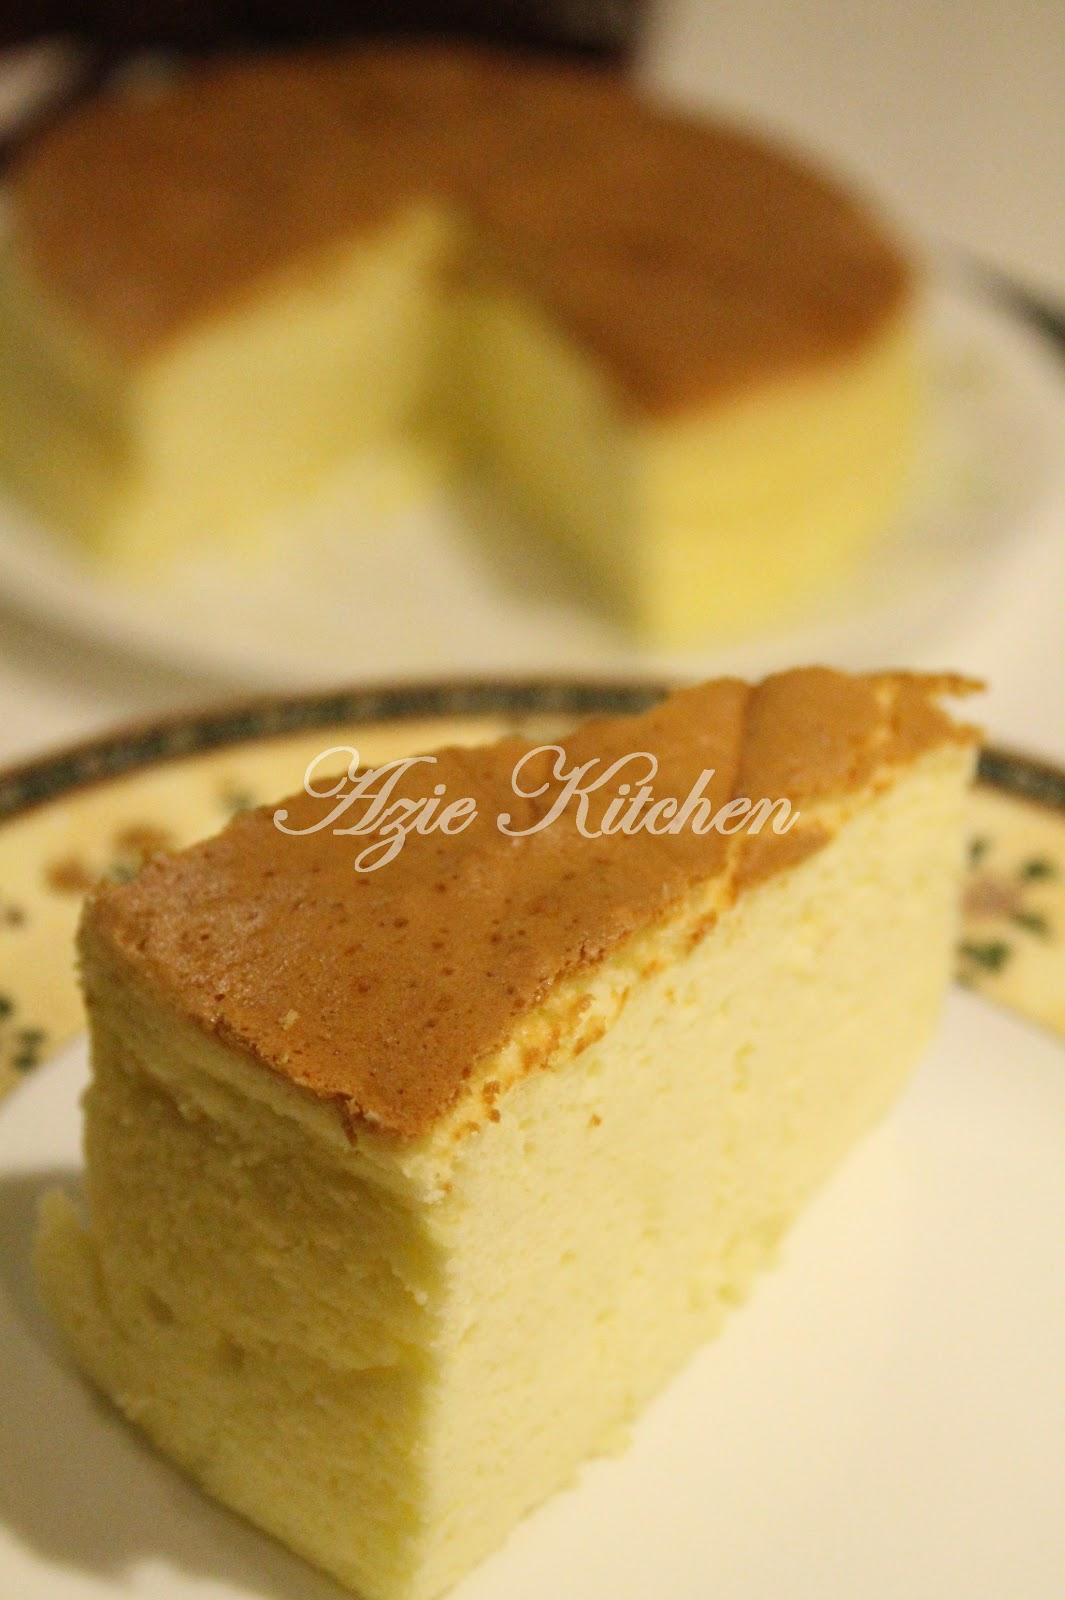 Cotton Soft Japanese Cheesecake Azie Kitchen